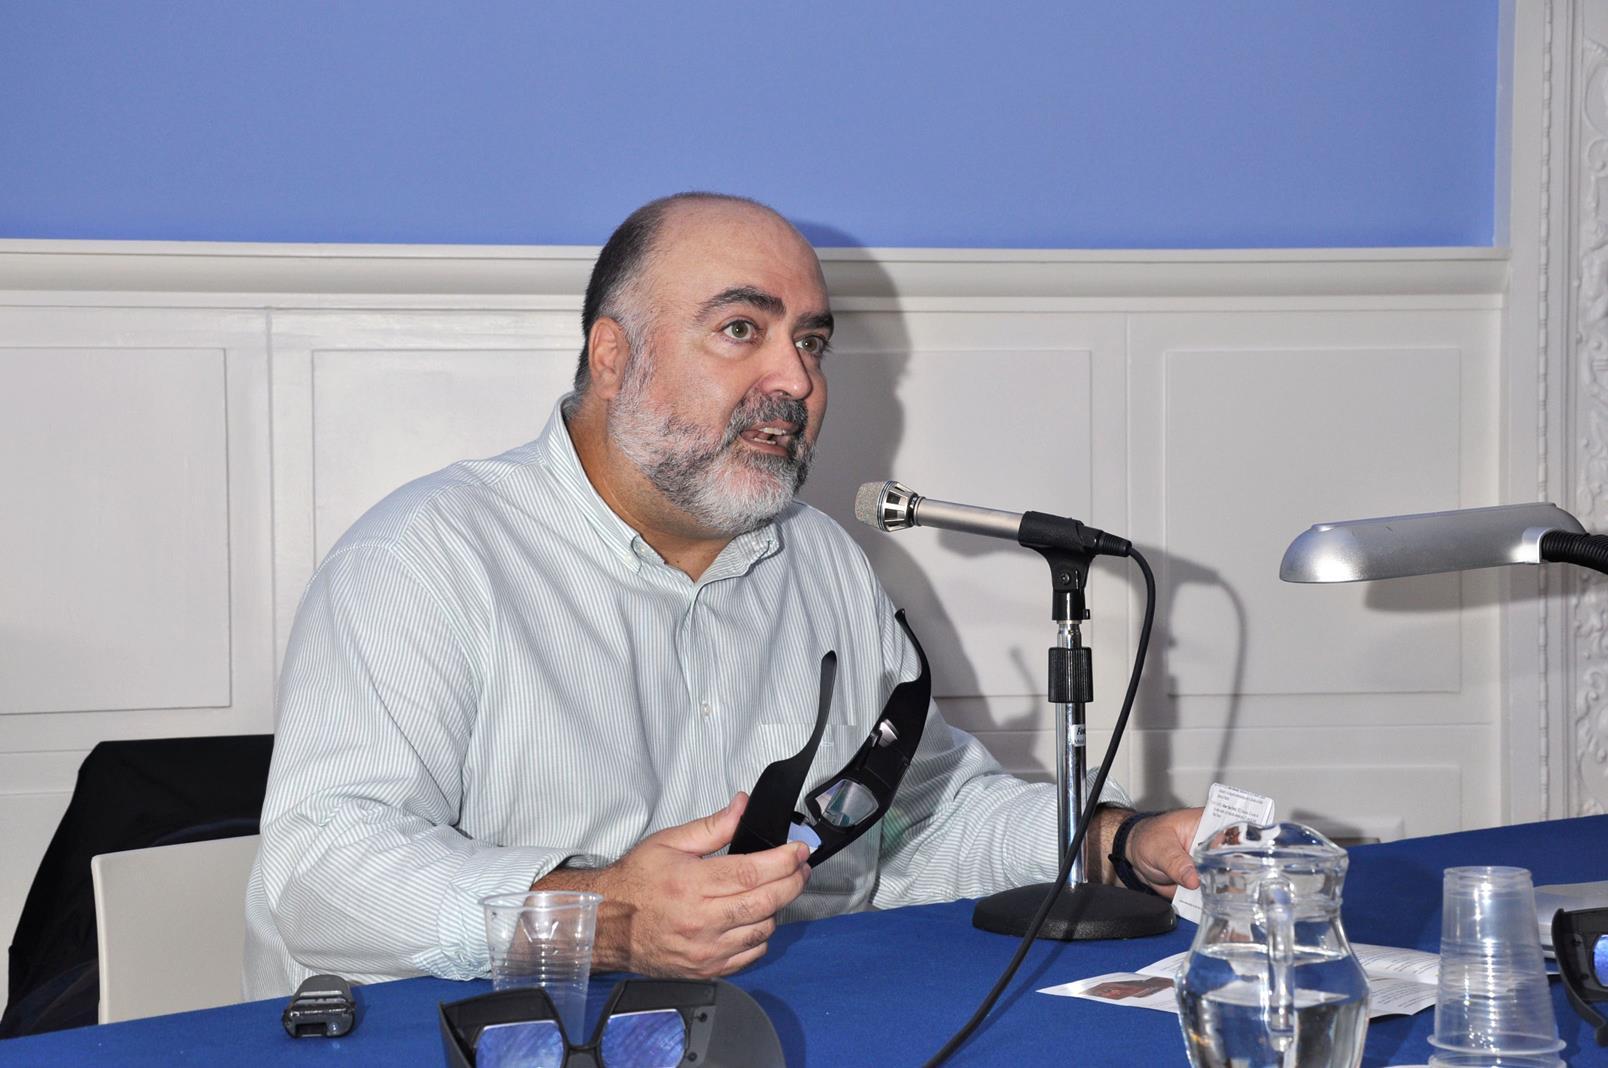 José Antonio Hernández Latas. Investigador Araid, Universidad de Zaragoza. Ponencia. 24/10/19